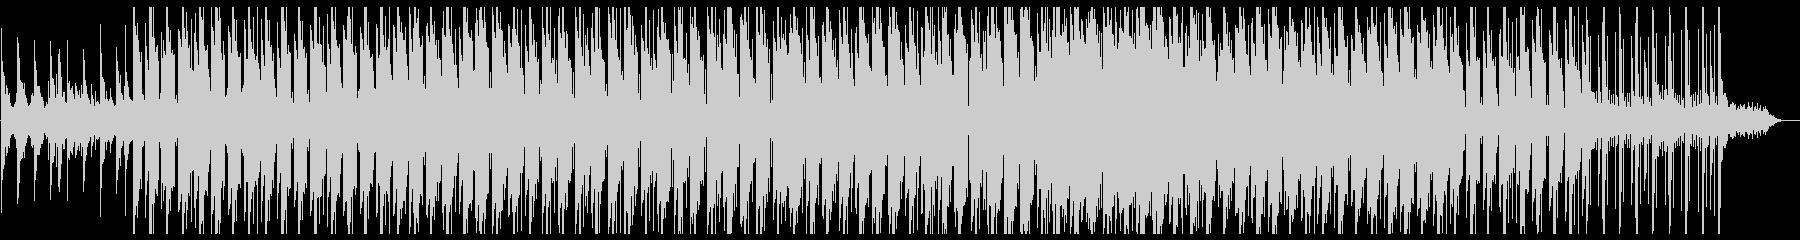 ジャジーなLo-Fi アナログノイズ有りの未再生の波形